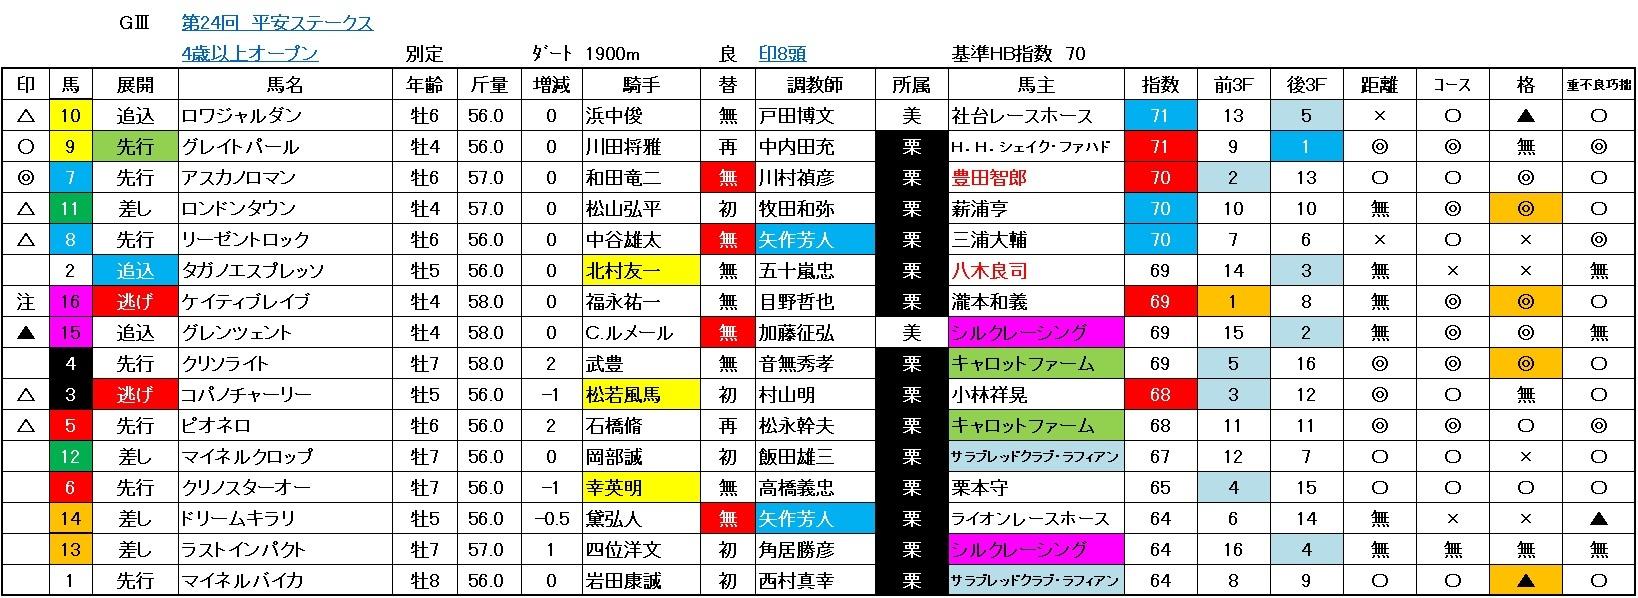 平安S2017-2